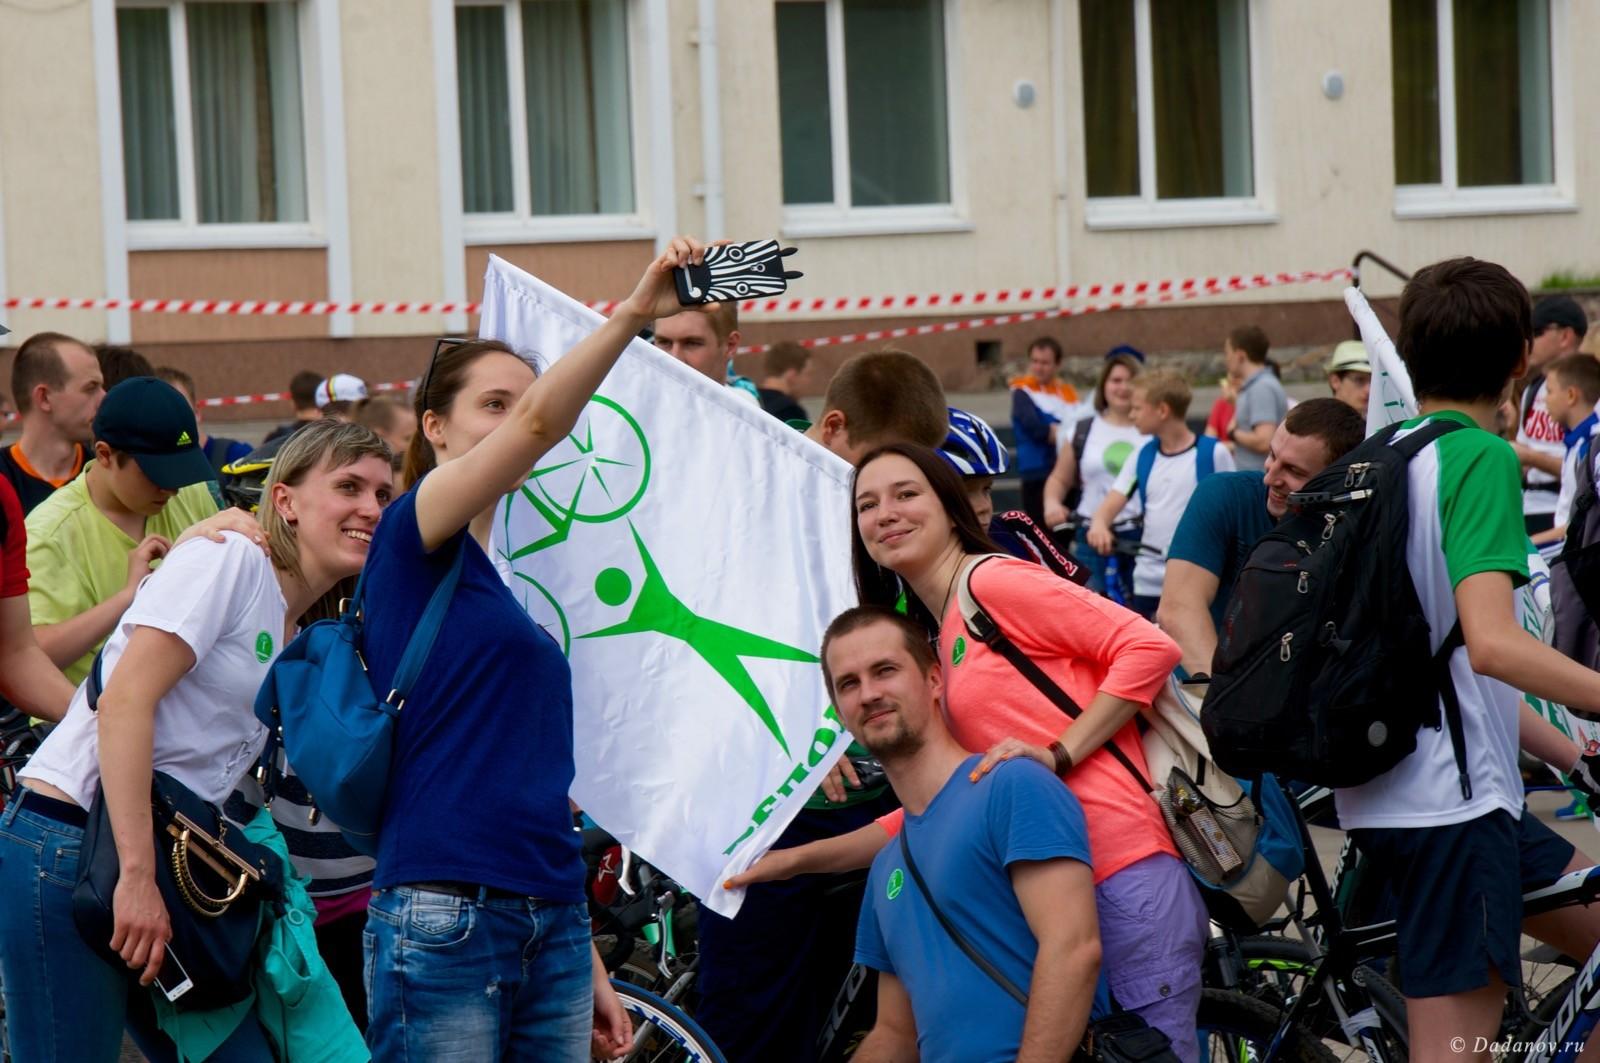 Велодень 2016 в Липецке состоялся. Фотографии с мероприятия 2977